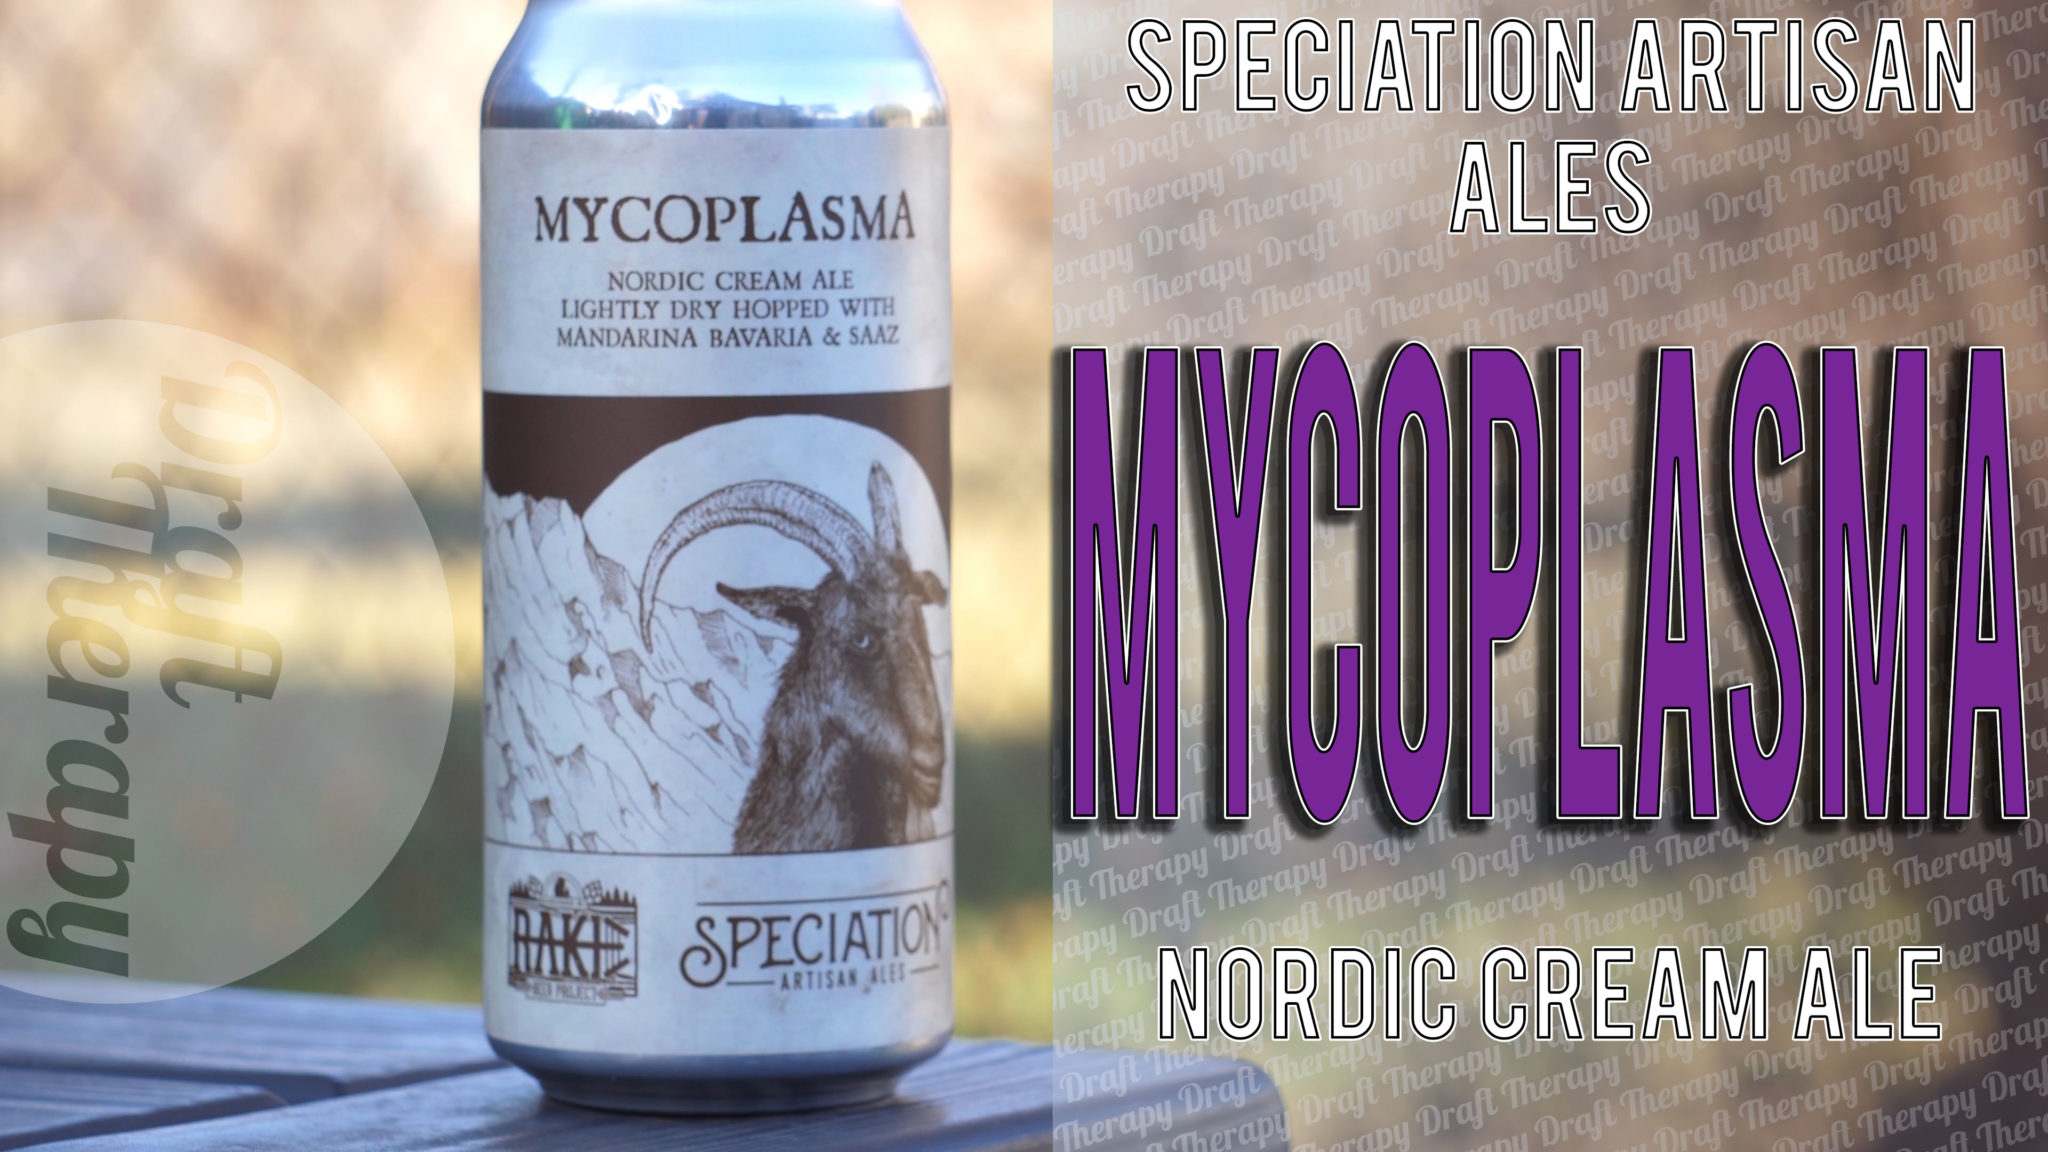 Speciation Artisan Ales – Mycoplasma – A Nordic Cream Ale